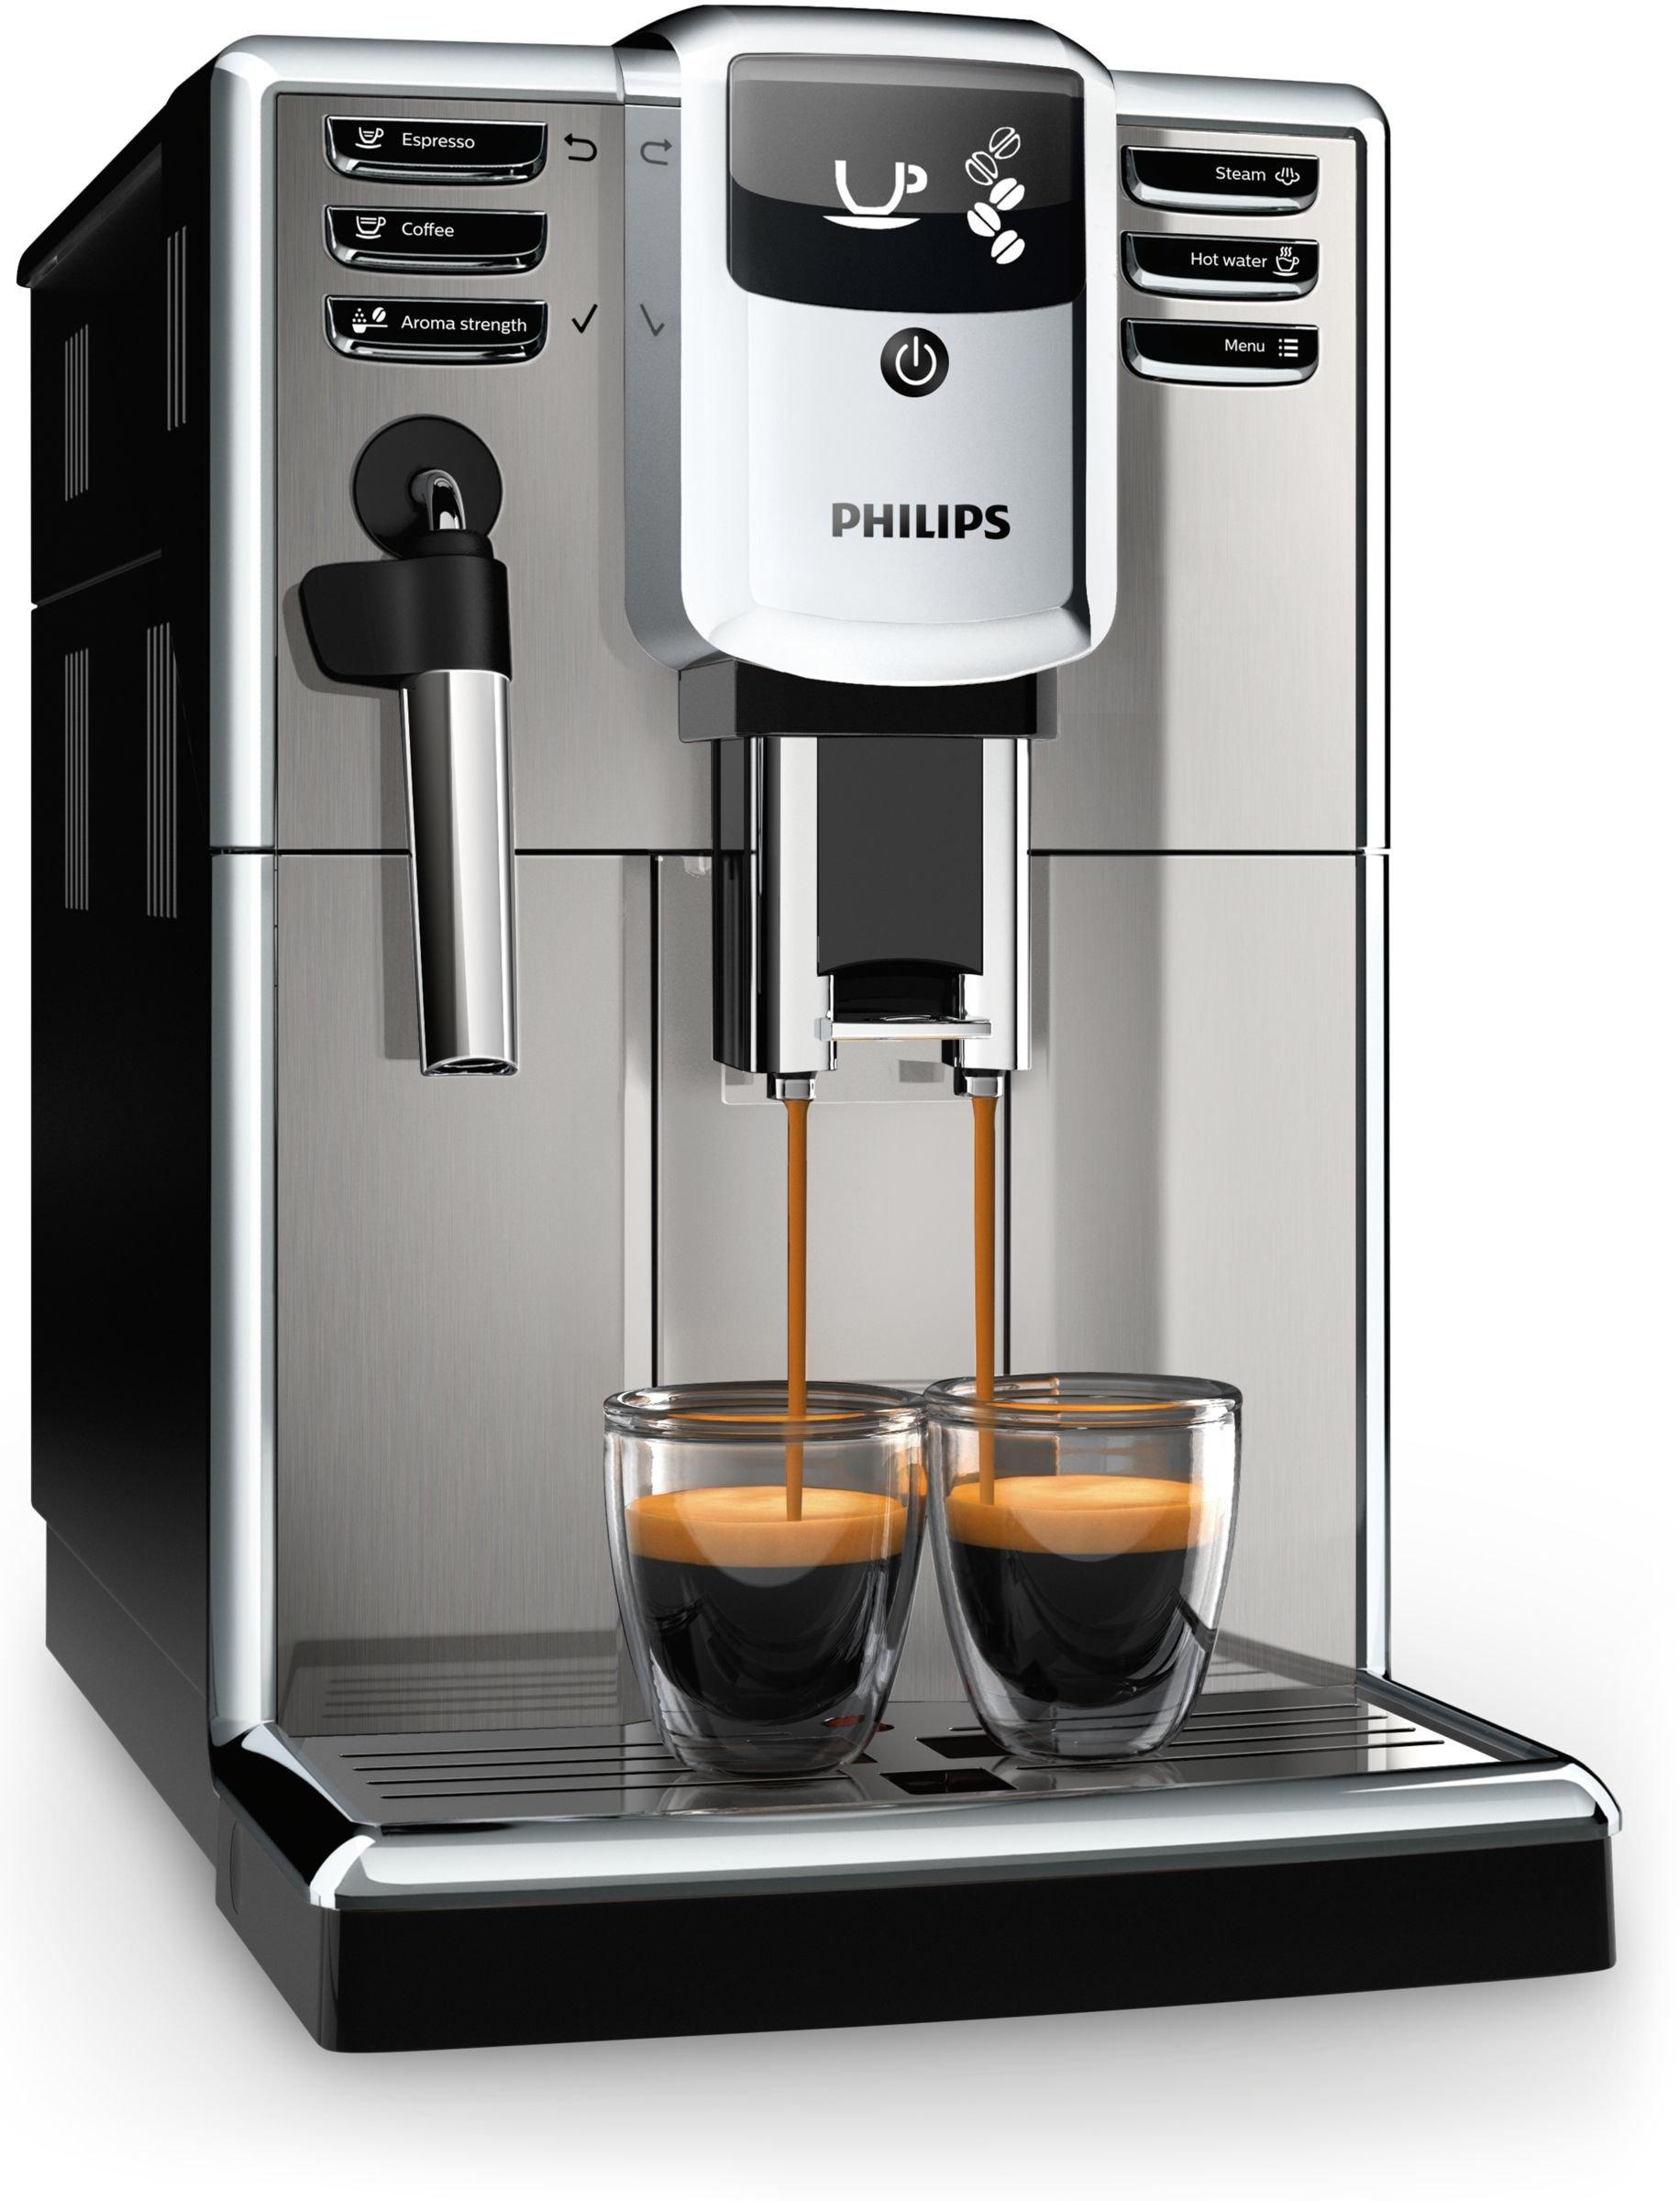 Philips 5000 series - Cafetera (Independiente, Máquina espresso, 1,8 L, Granos de café, Molinillo integrado, Negro, Acero inoxidable): Amazon.es: Hogar